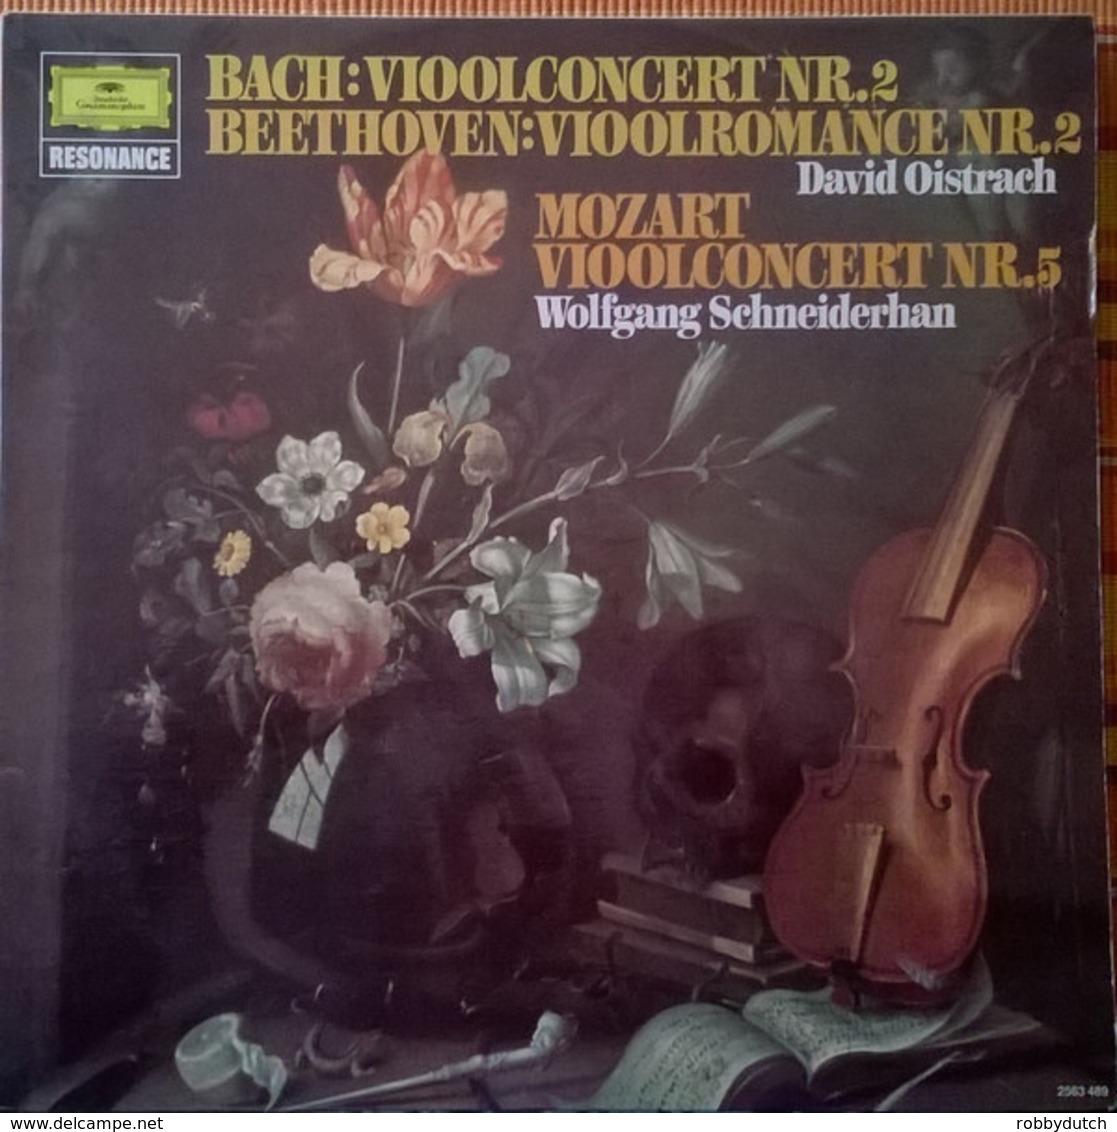 * LP * BACH: VIOOLCONCERT Nr.2 / BEETHOVEN: VIOOLROMANCE Nr.2 / MOZART: VIOOLCONCERT Nr. 5 - Klassiekers